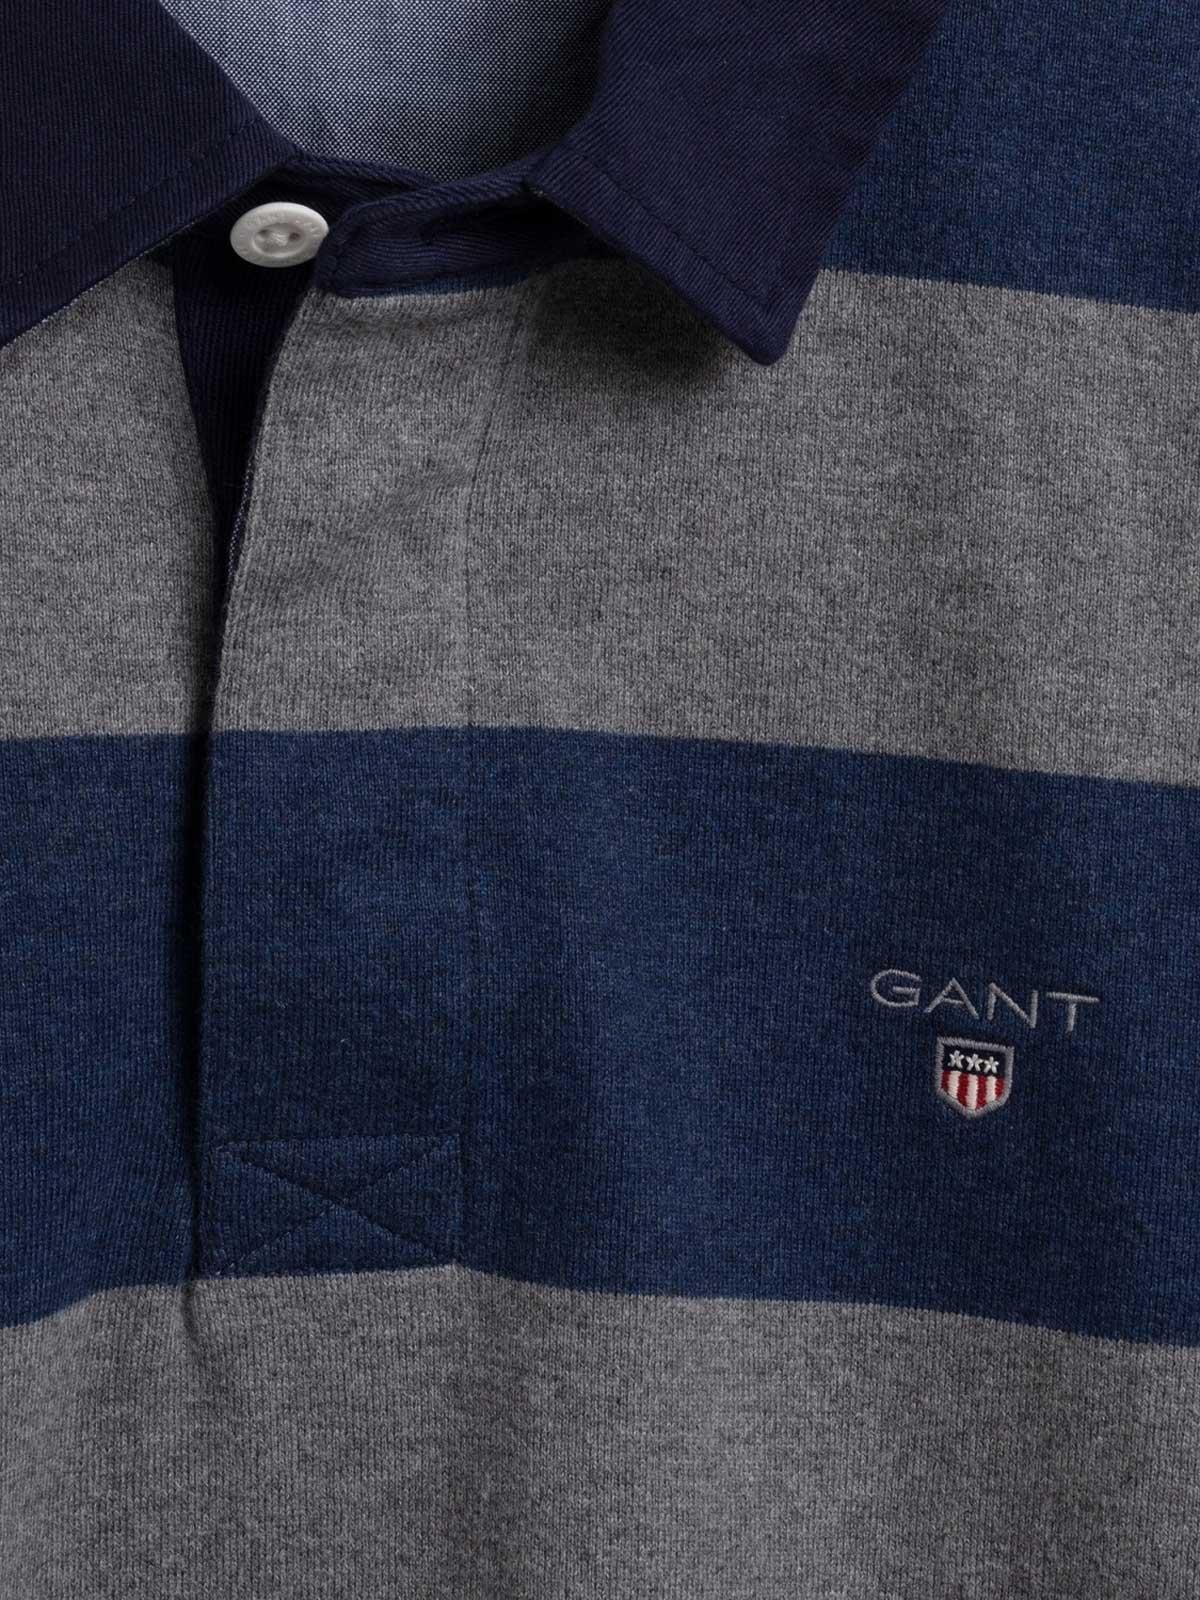 Immagine di Gant   Polo Original Barstripe Heavy Rugger